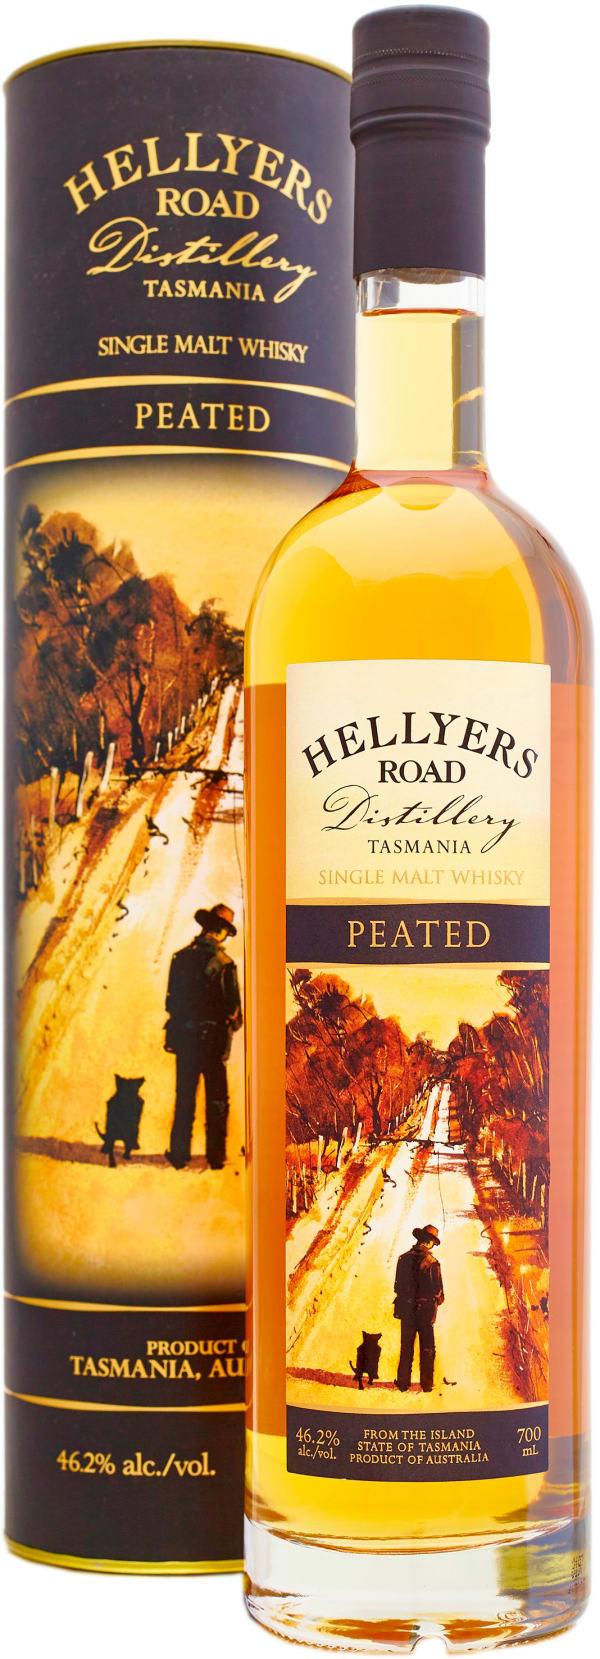 Hellyers Road Peated Single Malt